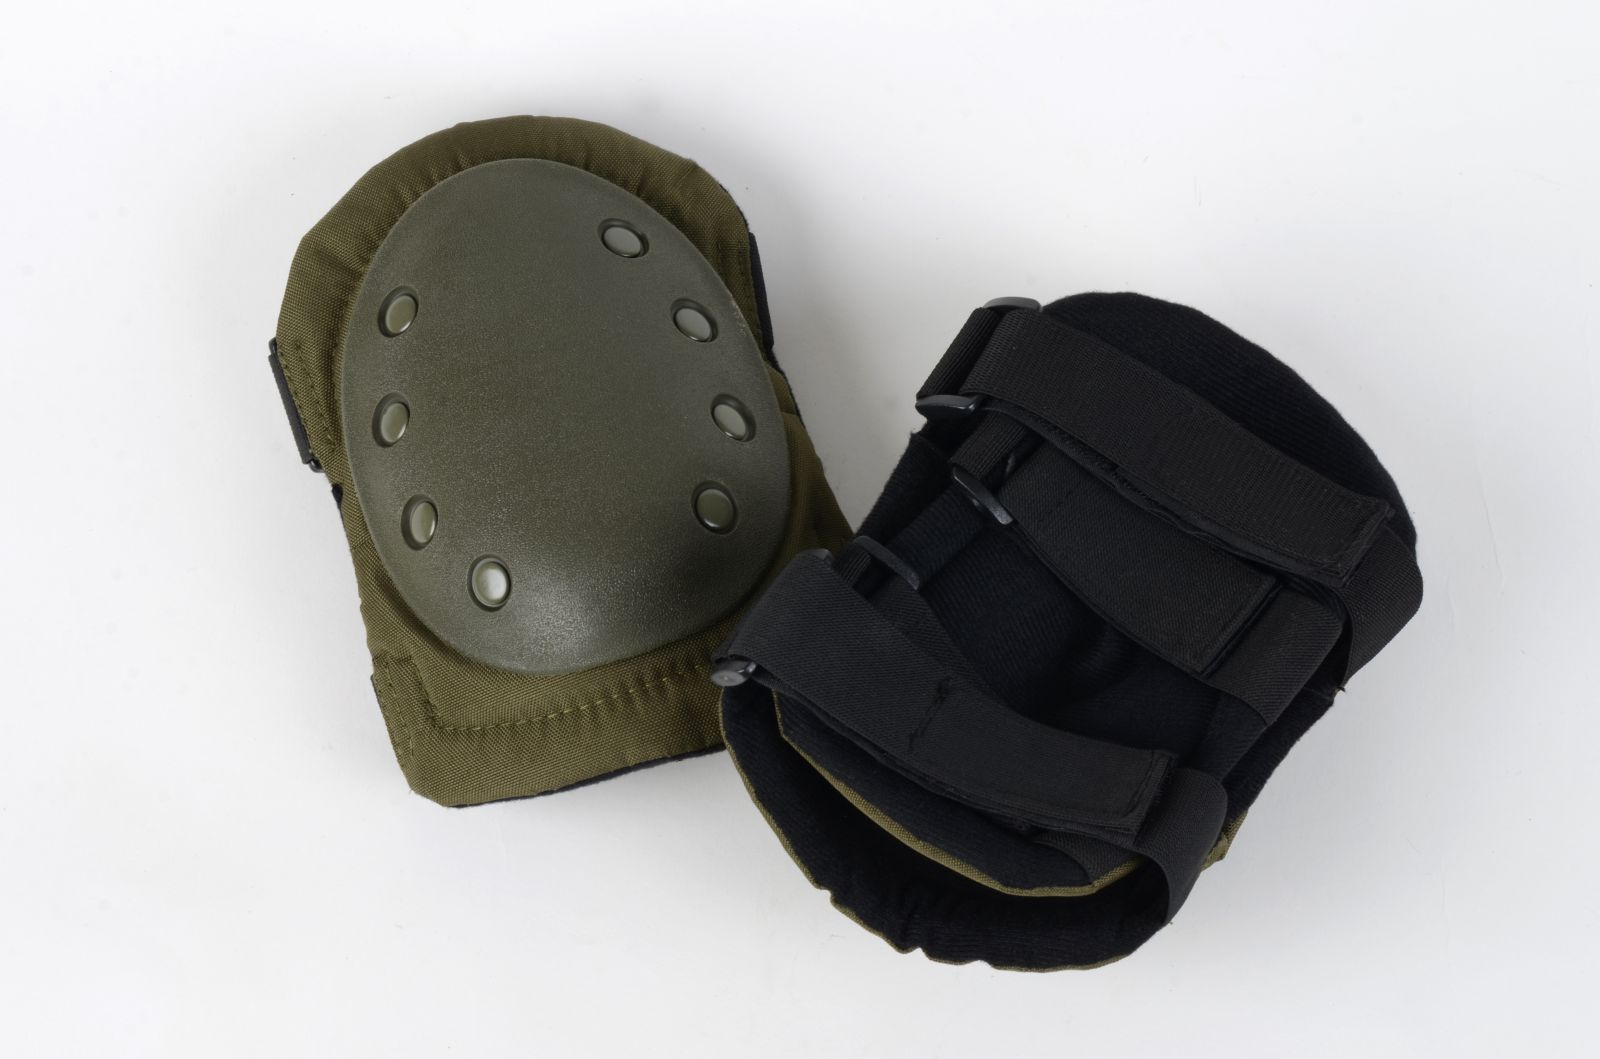 Chrániče kolen a loktů E-batoh